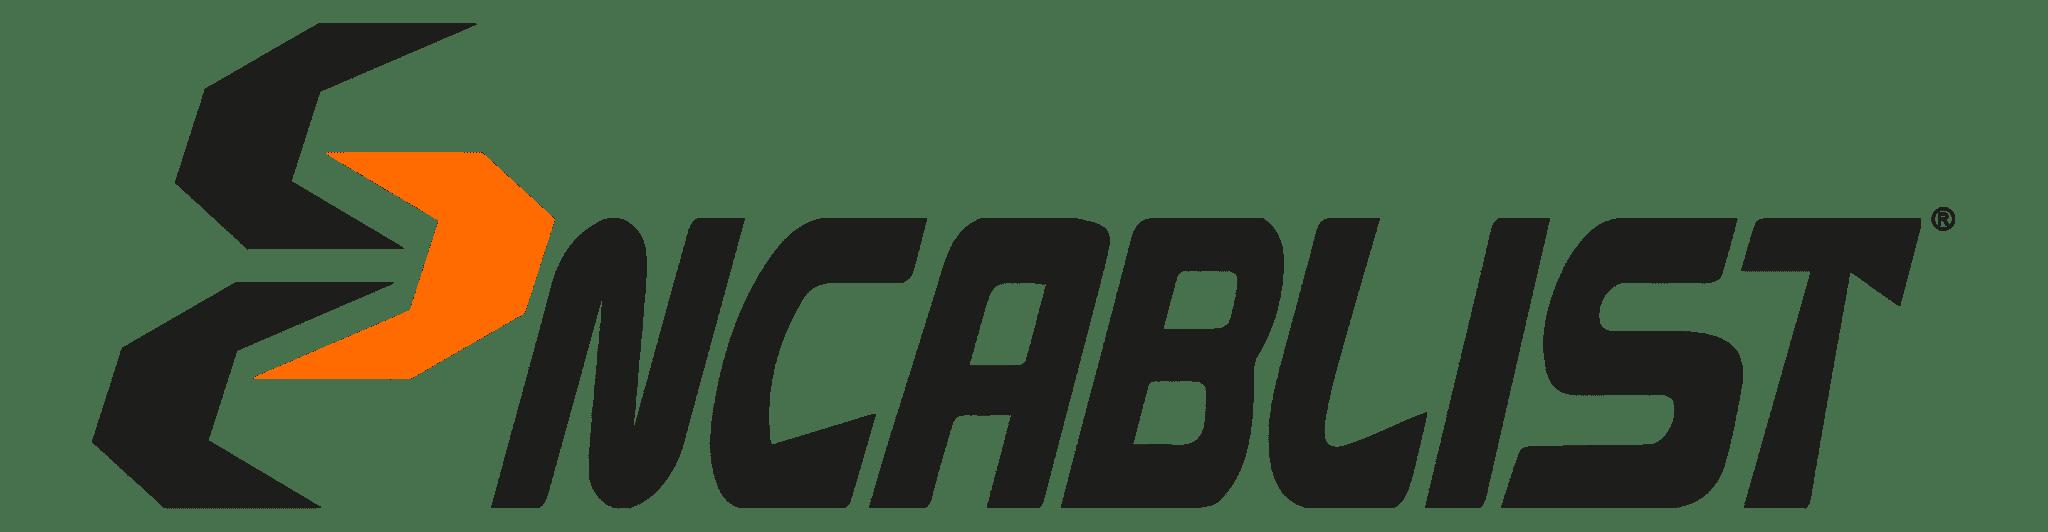 Encablist: il sistema per la gestione dei cavi flessibili